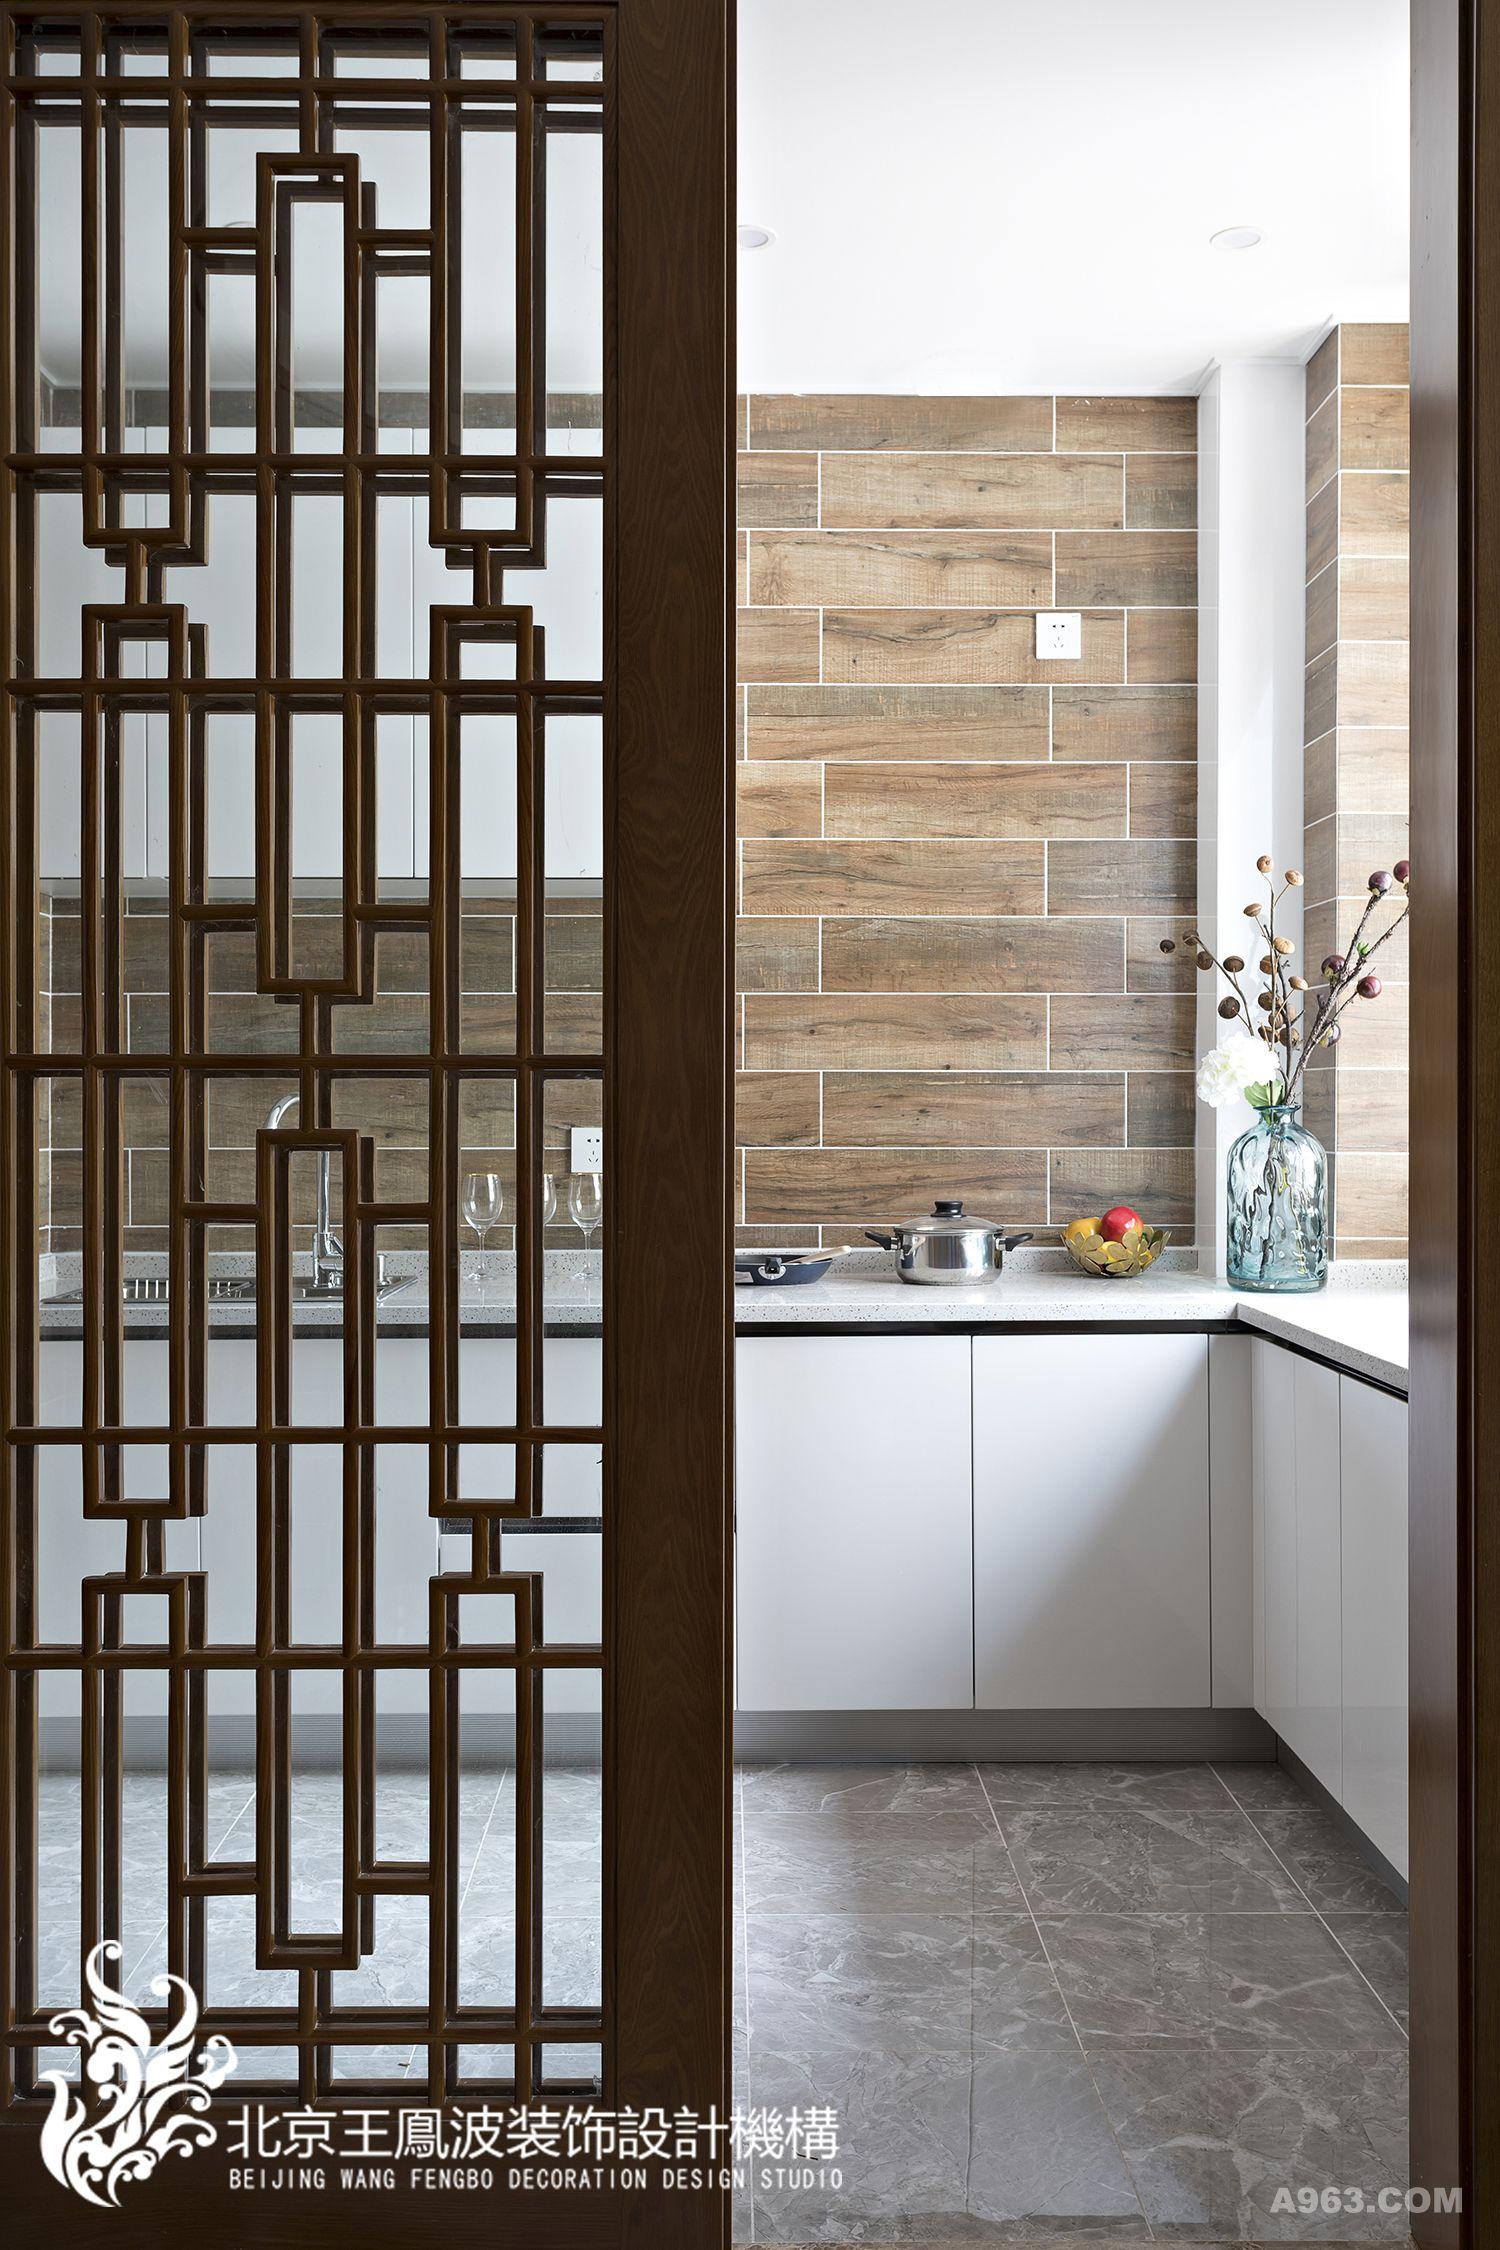 餐厅与开敞式的厨房相邻,一道带有中式窗棂纹样的木质推拉门,分隔开